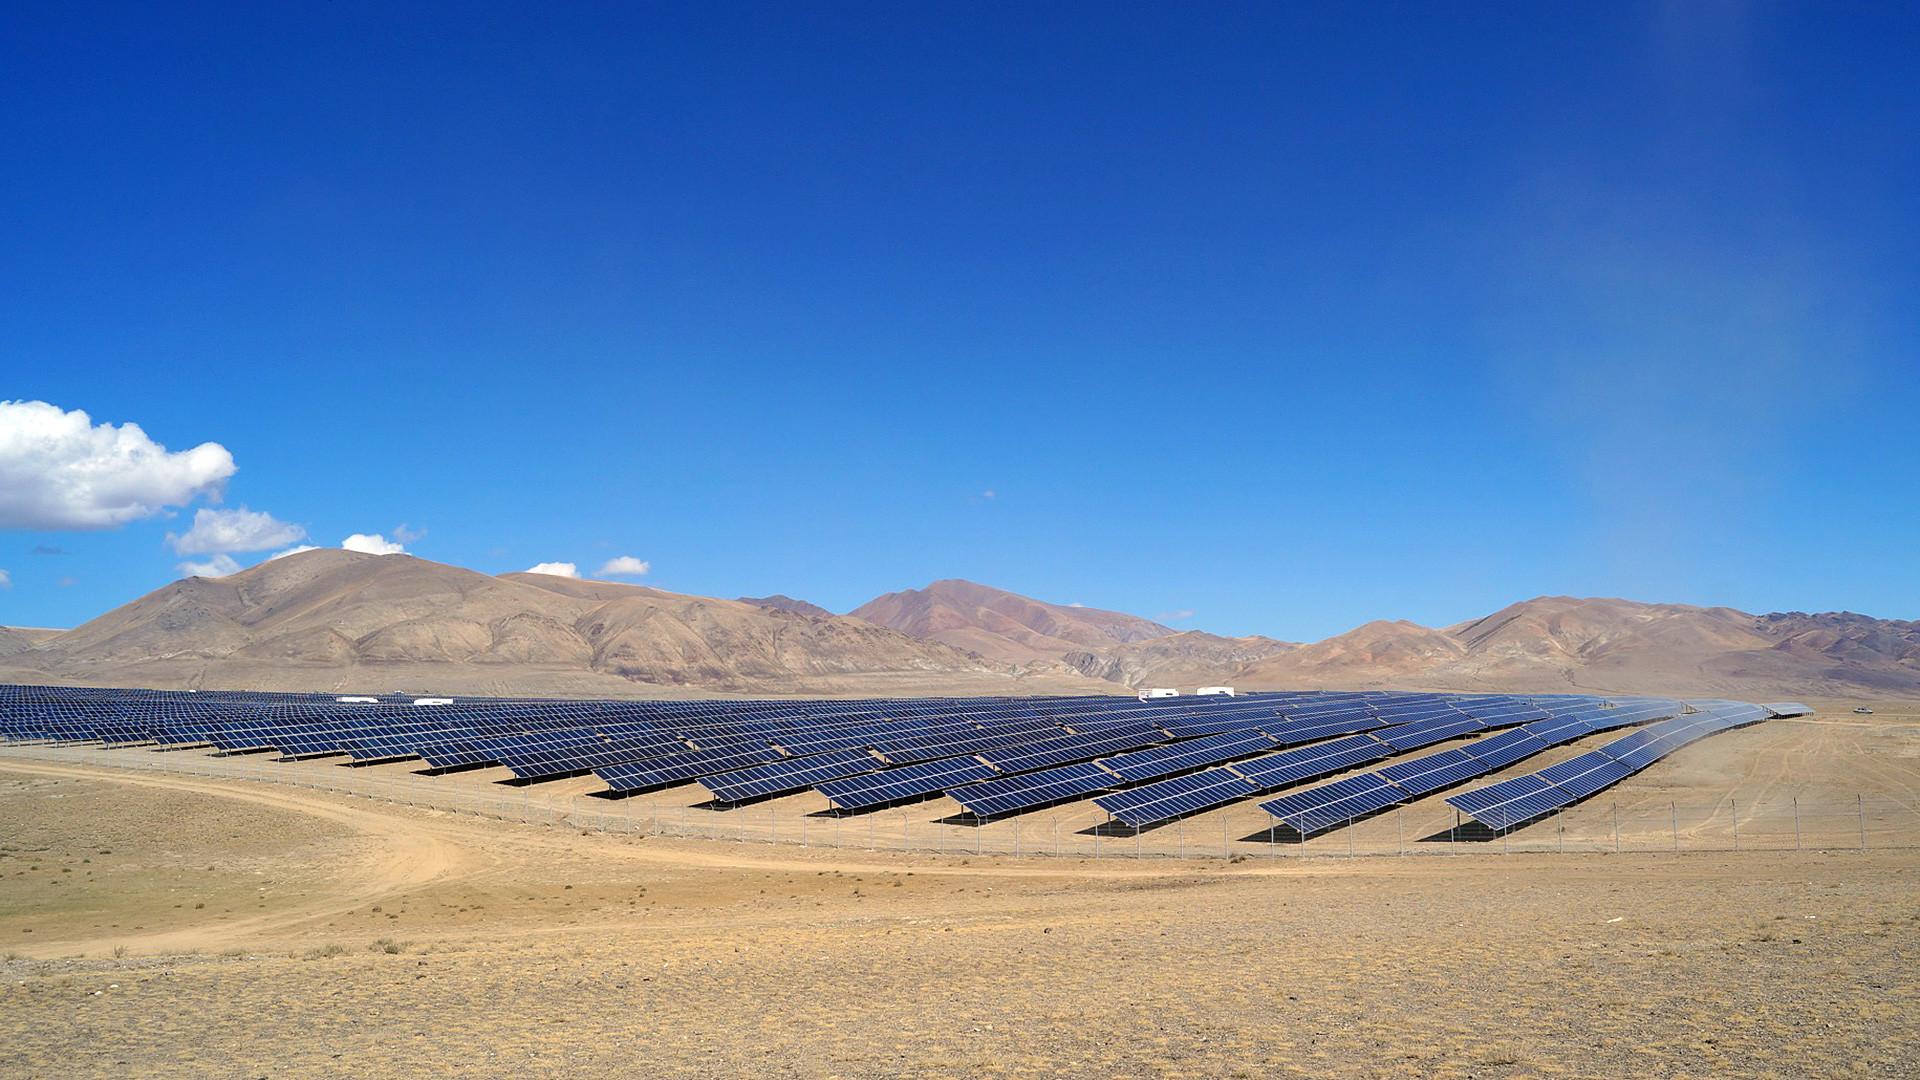 Impianto fotovoltaico nella regione dell'Altaj